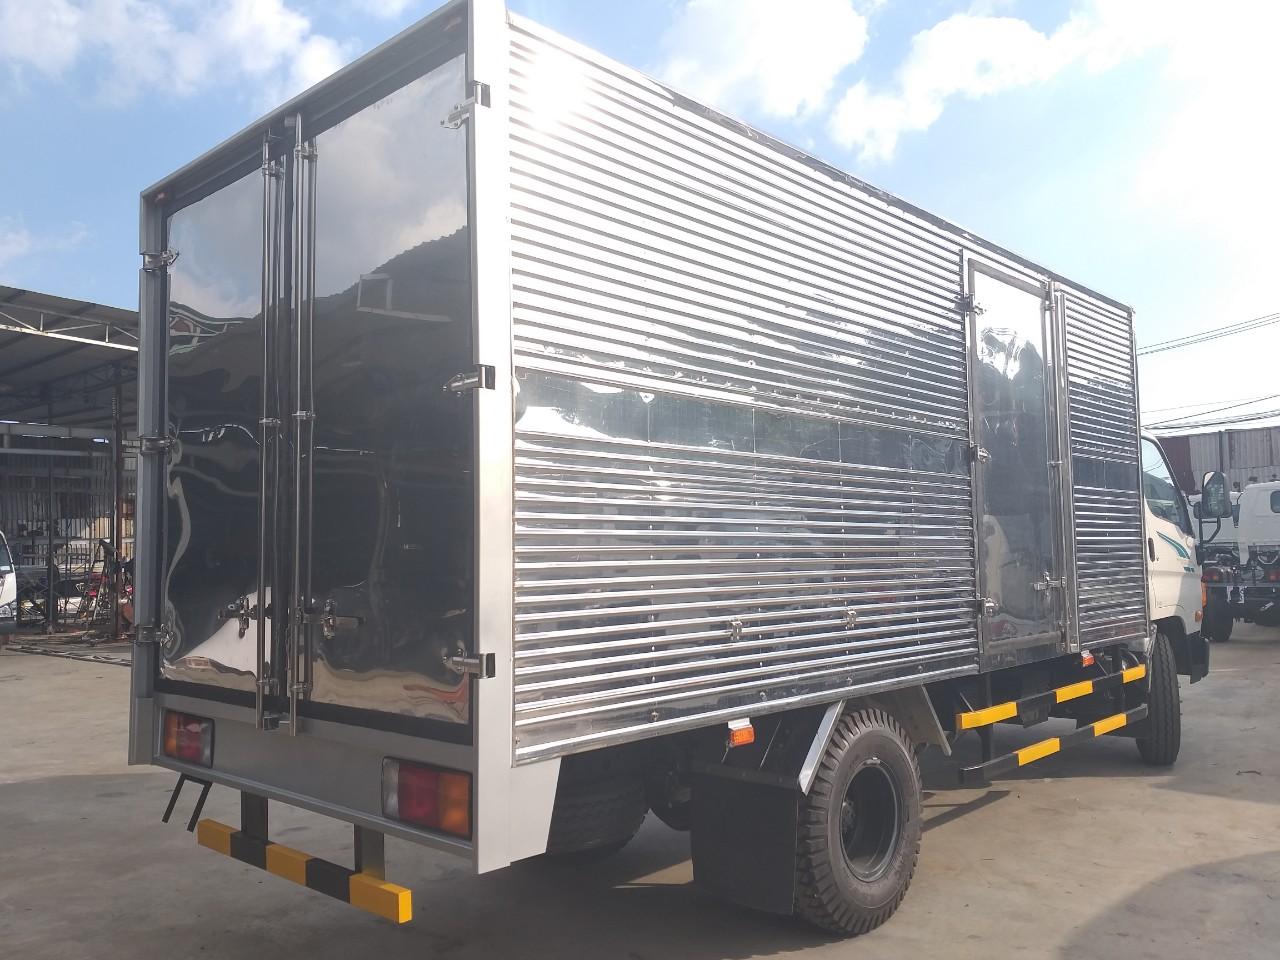 xe-tai-thung-kin-hyundai-110s Xe tải hyundai: Thùng Kín Inox 7 Tấn HYUNDAI NEW MIGHTI 110S  | Đại lý ô tô tải